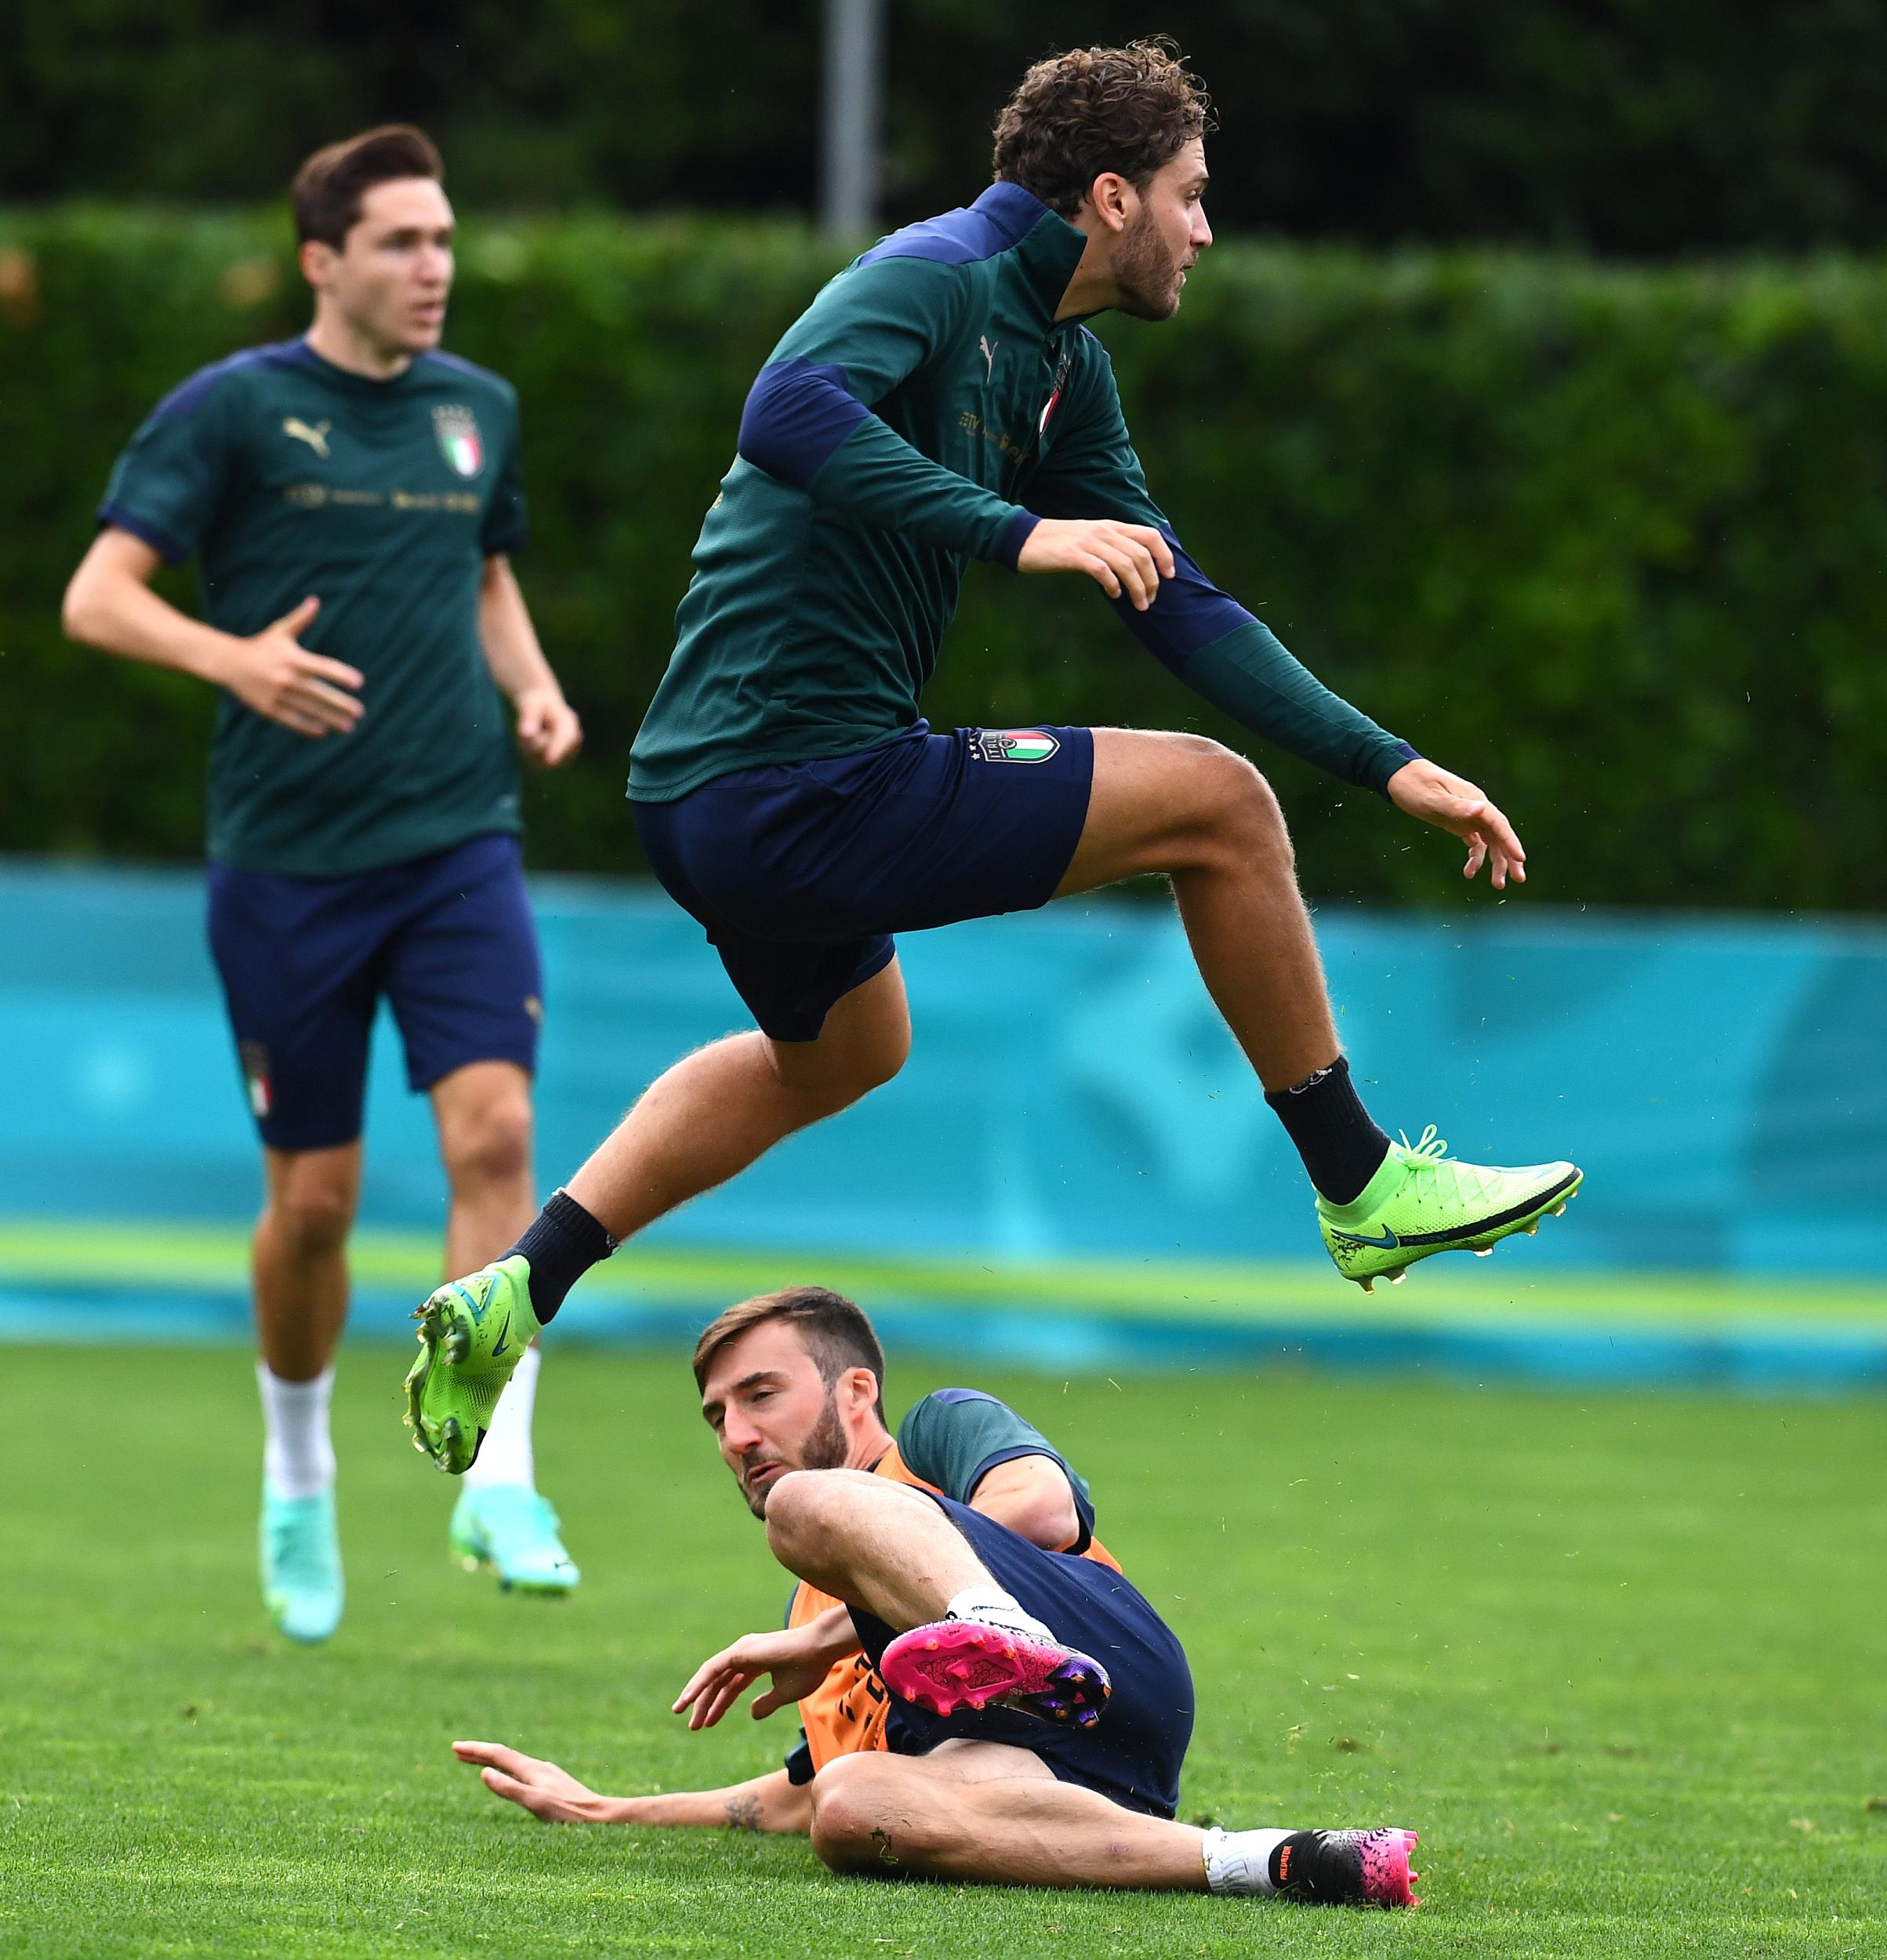 意大利队在训练中。